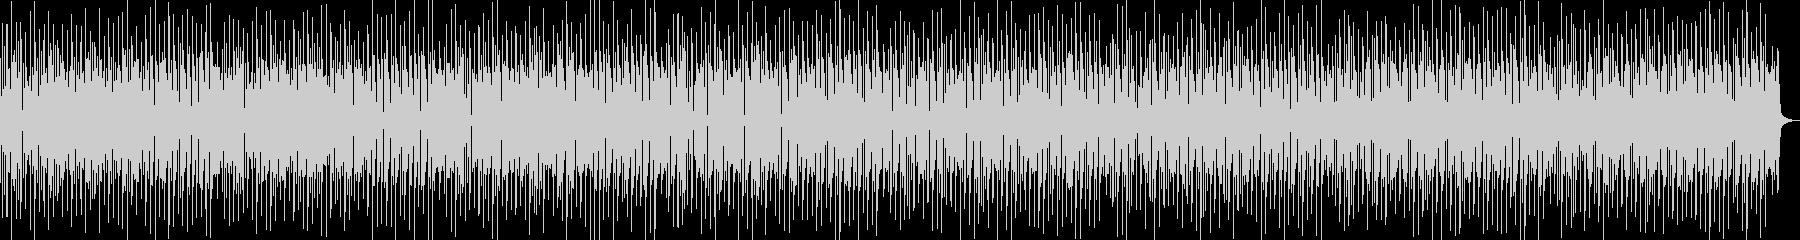 日常、ピアノ、まったり、トークの未再生の波形